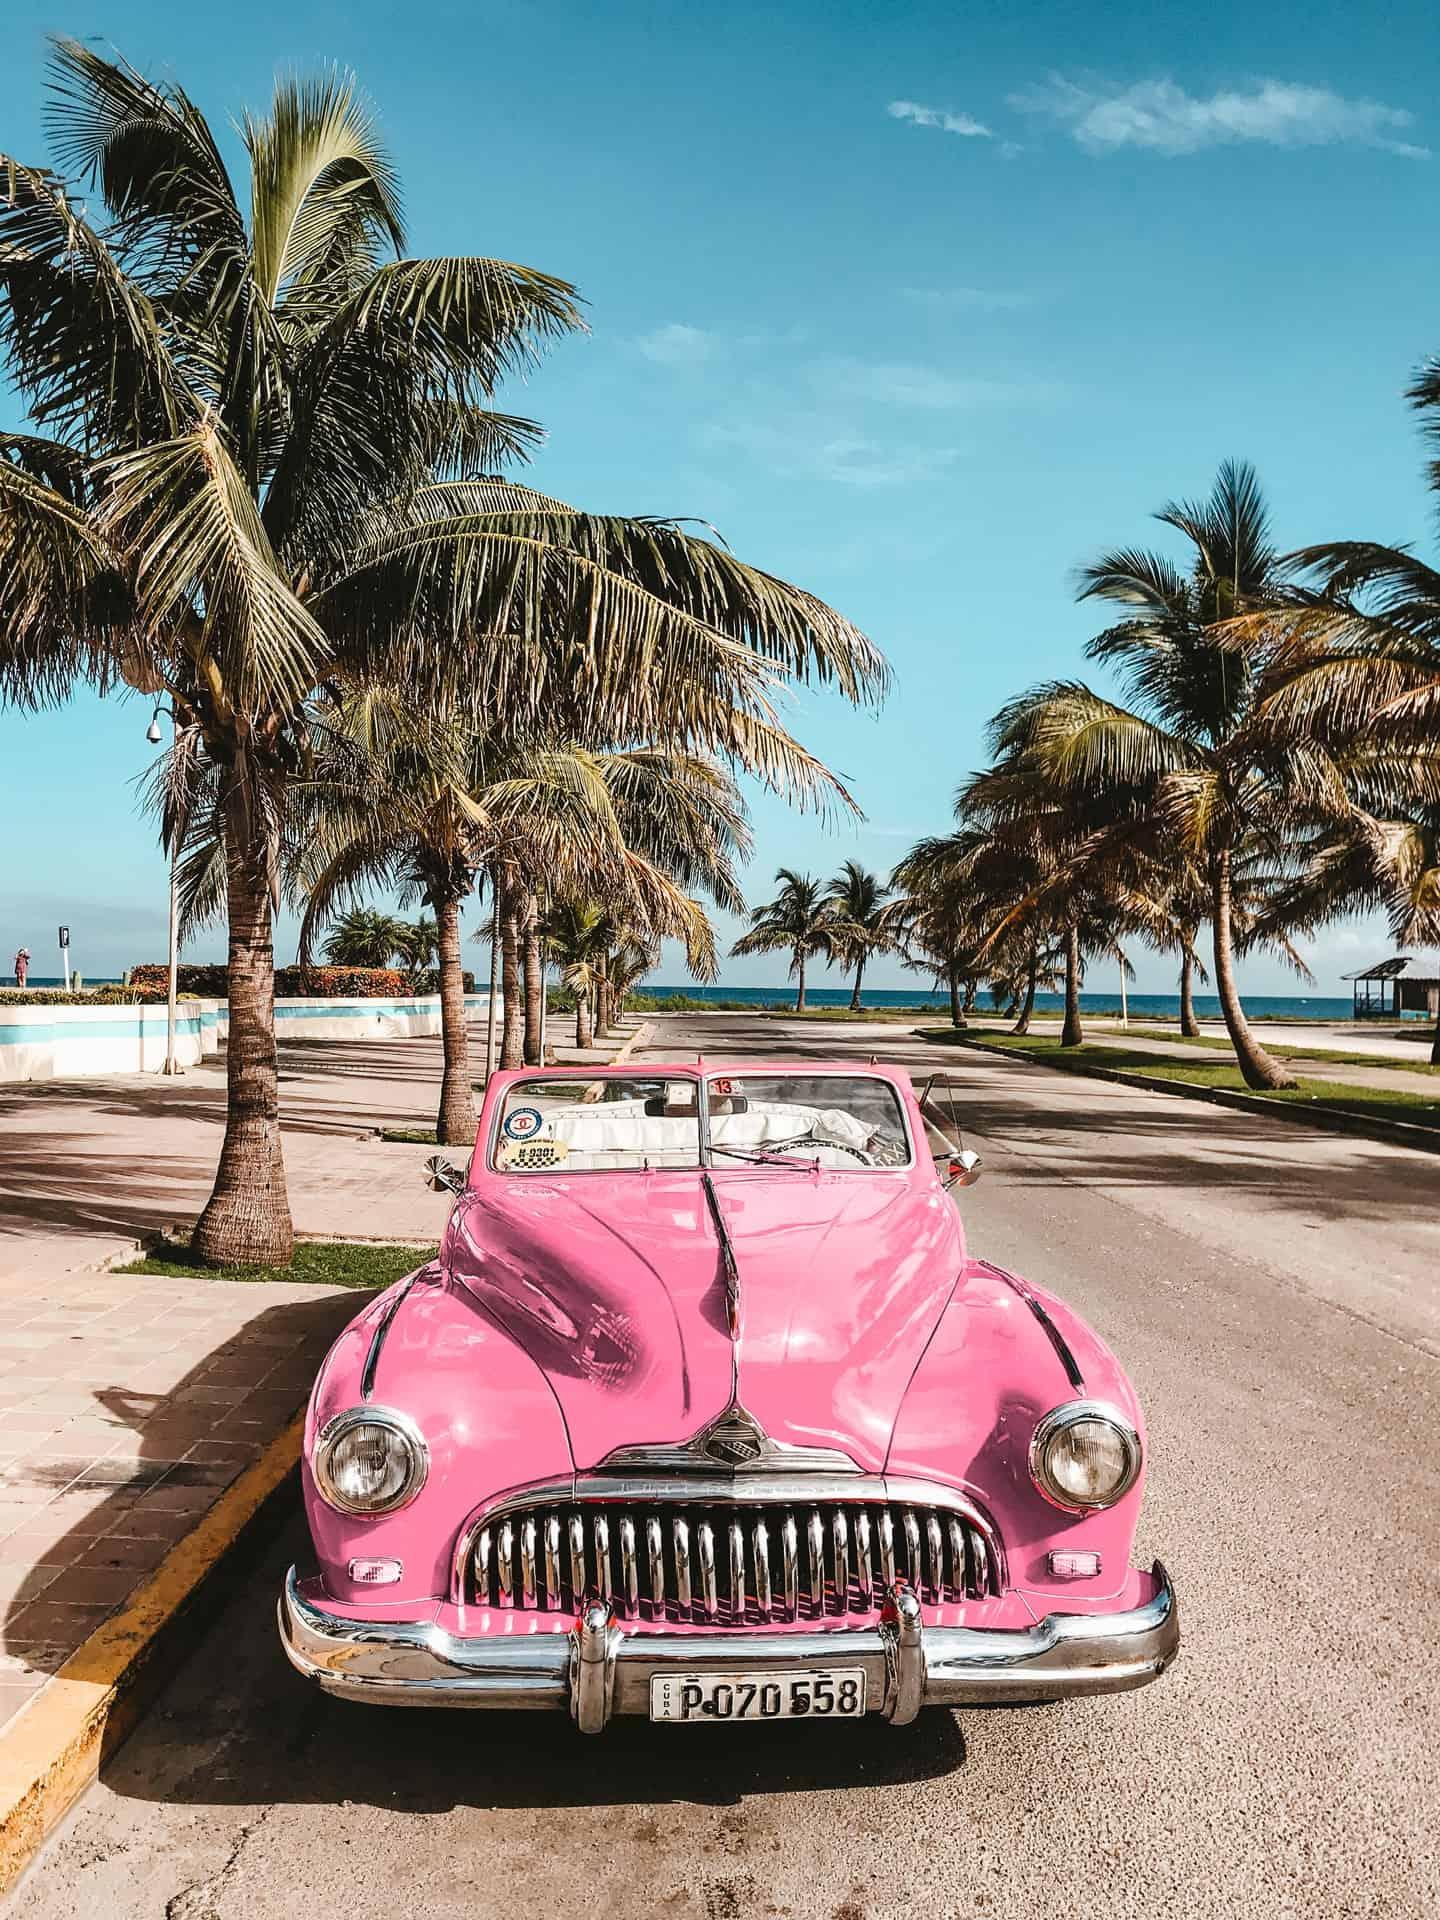 bg voiture americaine rose portrait cuba autrement